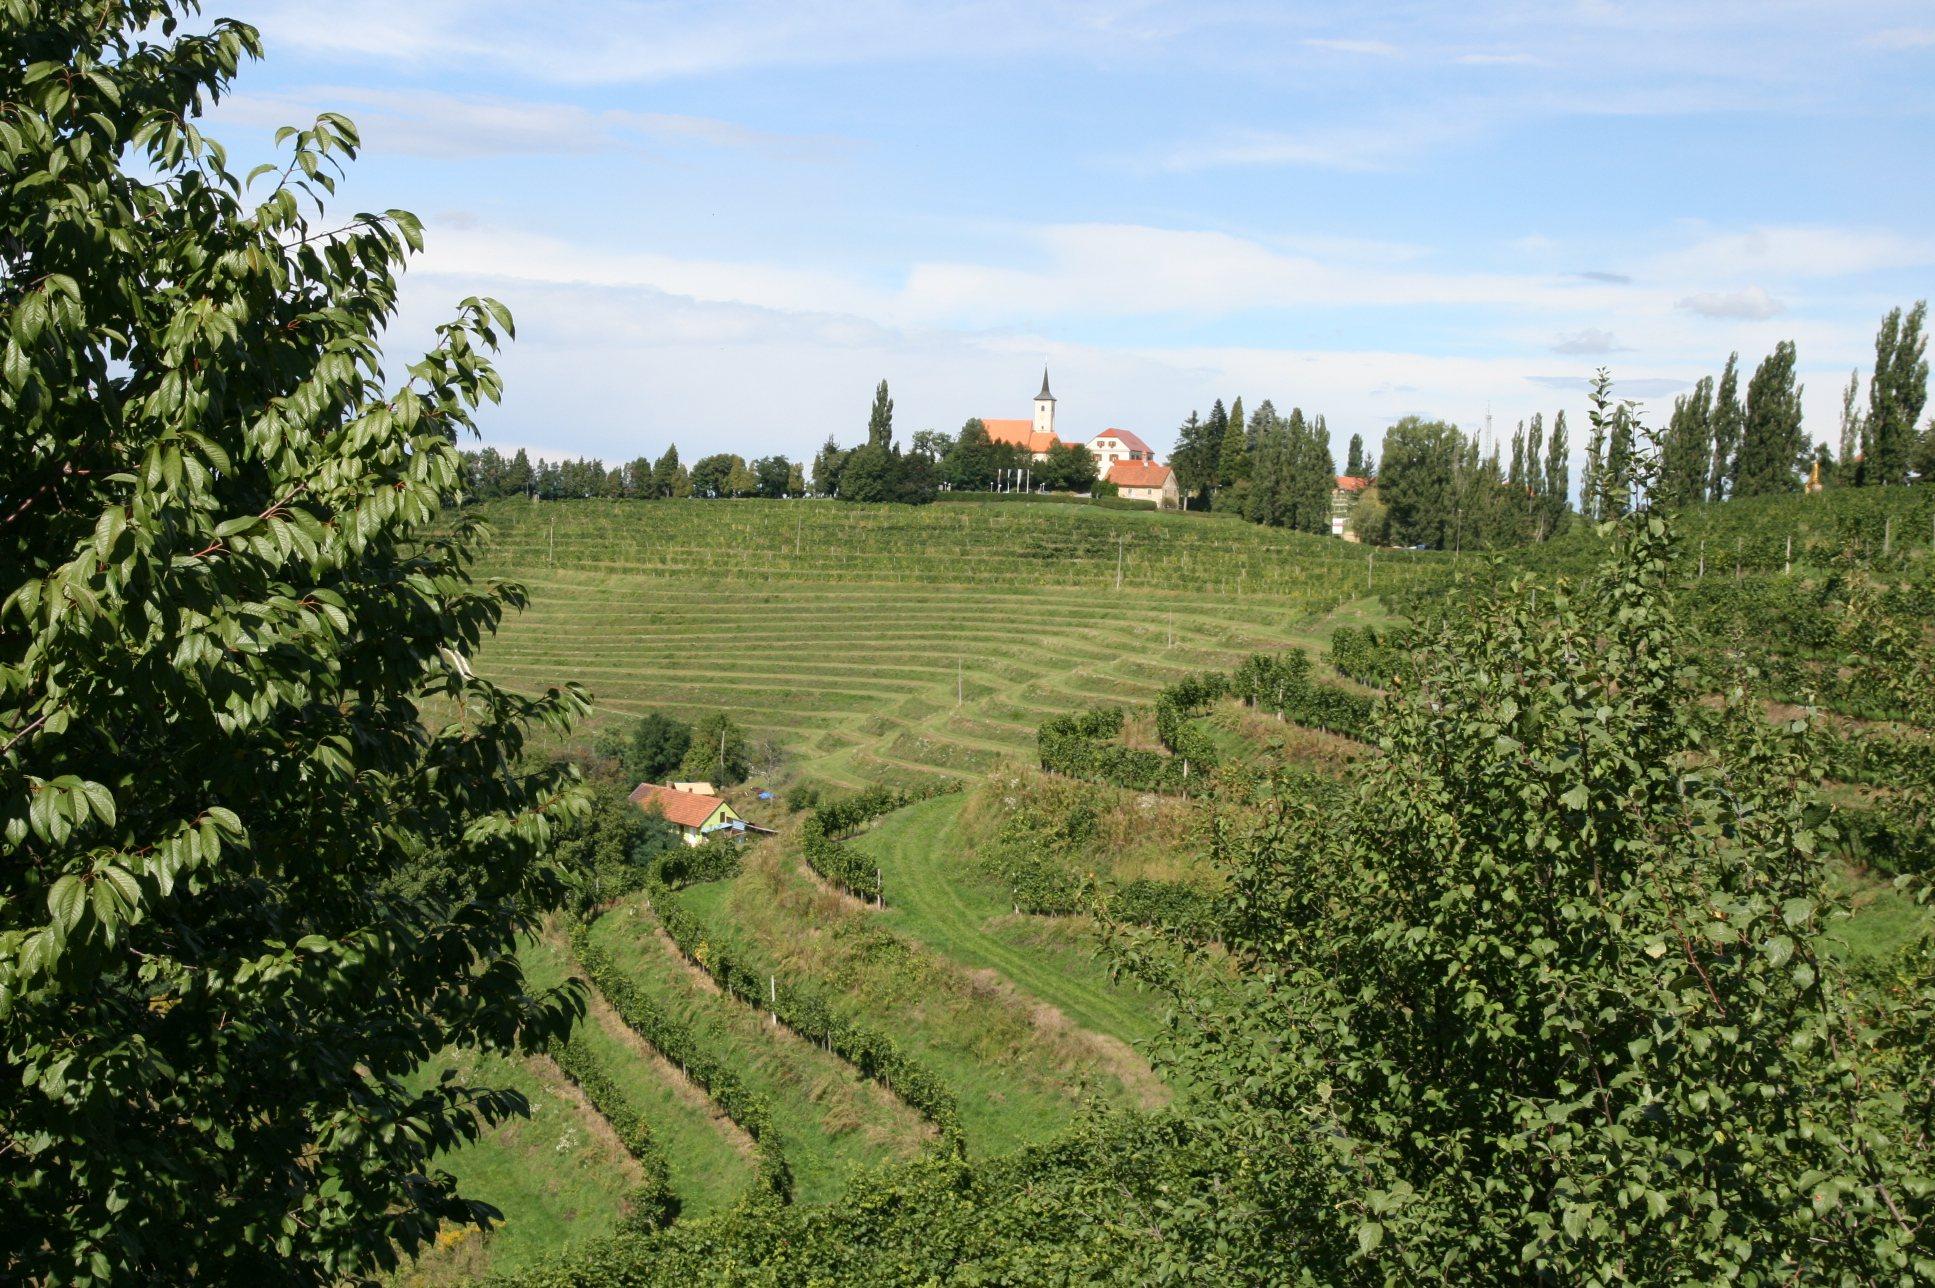 Čeprav je grozdja manj, so vinarji zadovoljni s kvaliteto